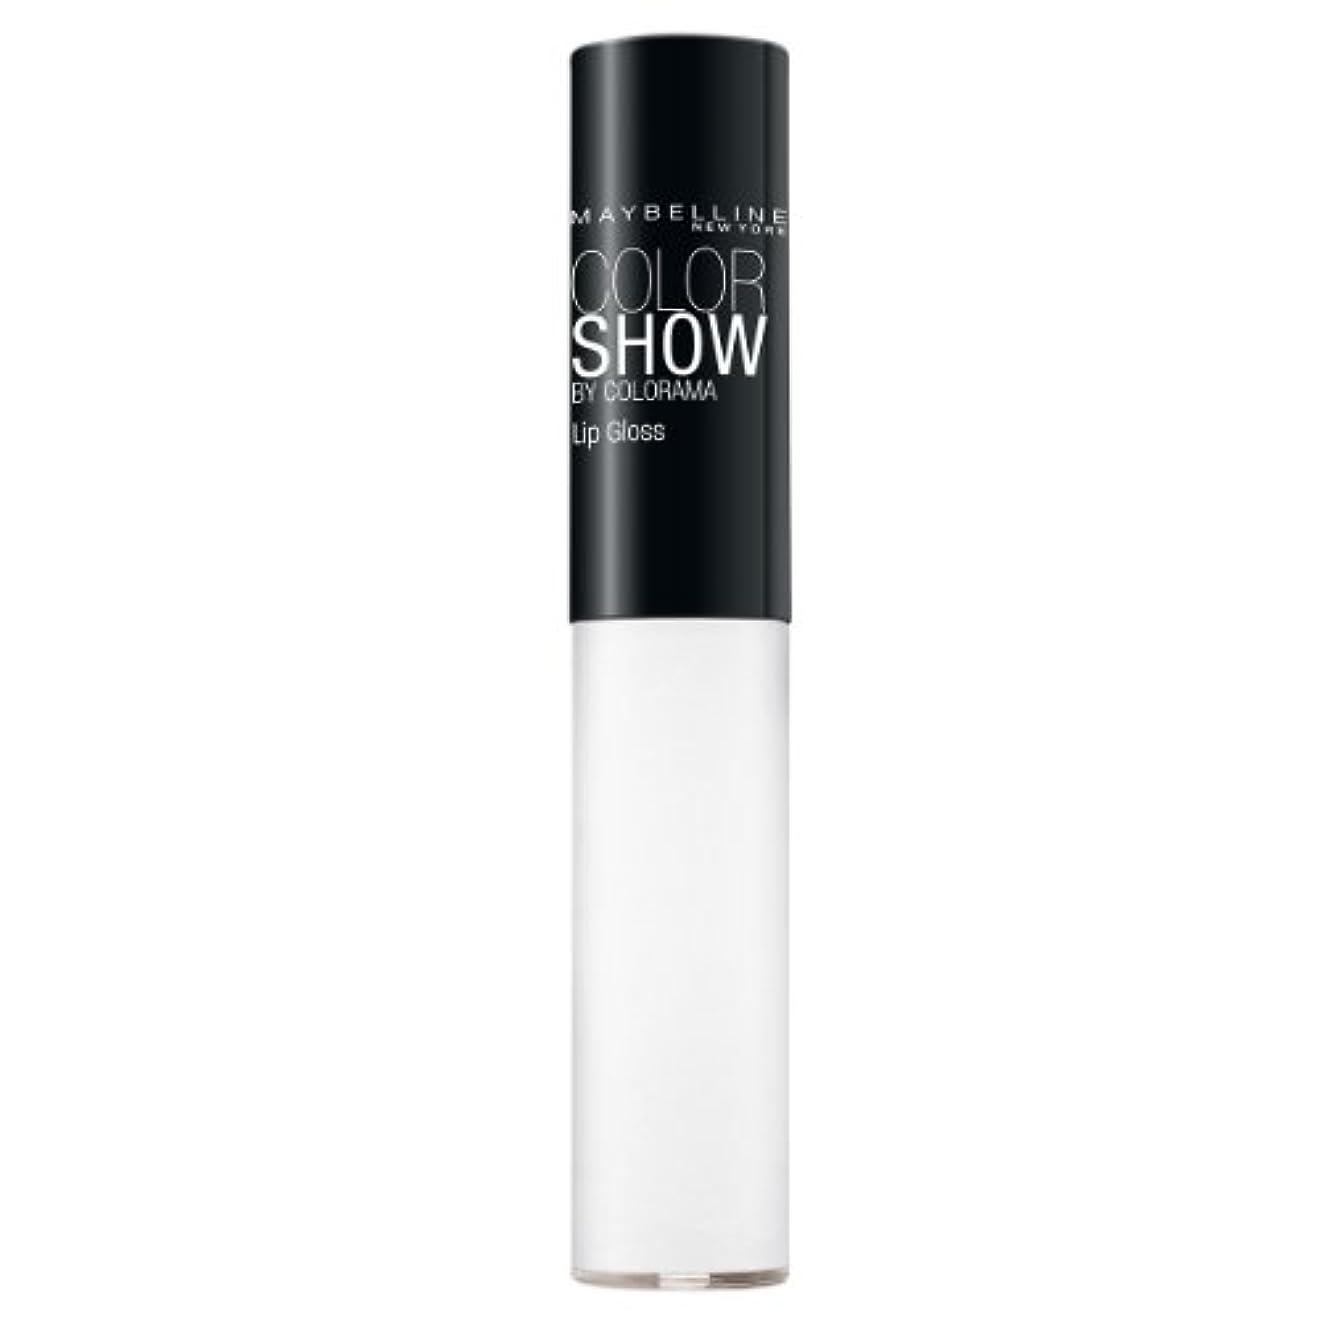 繰り返し昼間暖炉Maybelline New York Color Show Lipgloss, 150 Crystal Clear, 1er Pack (1 x 5 ml)